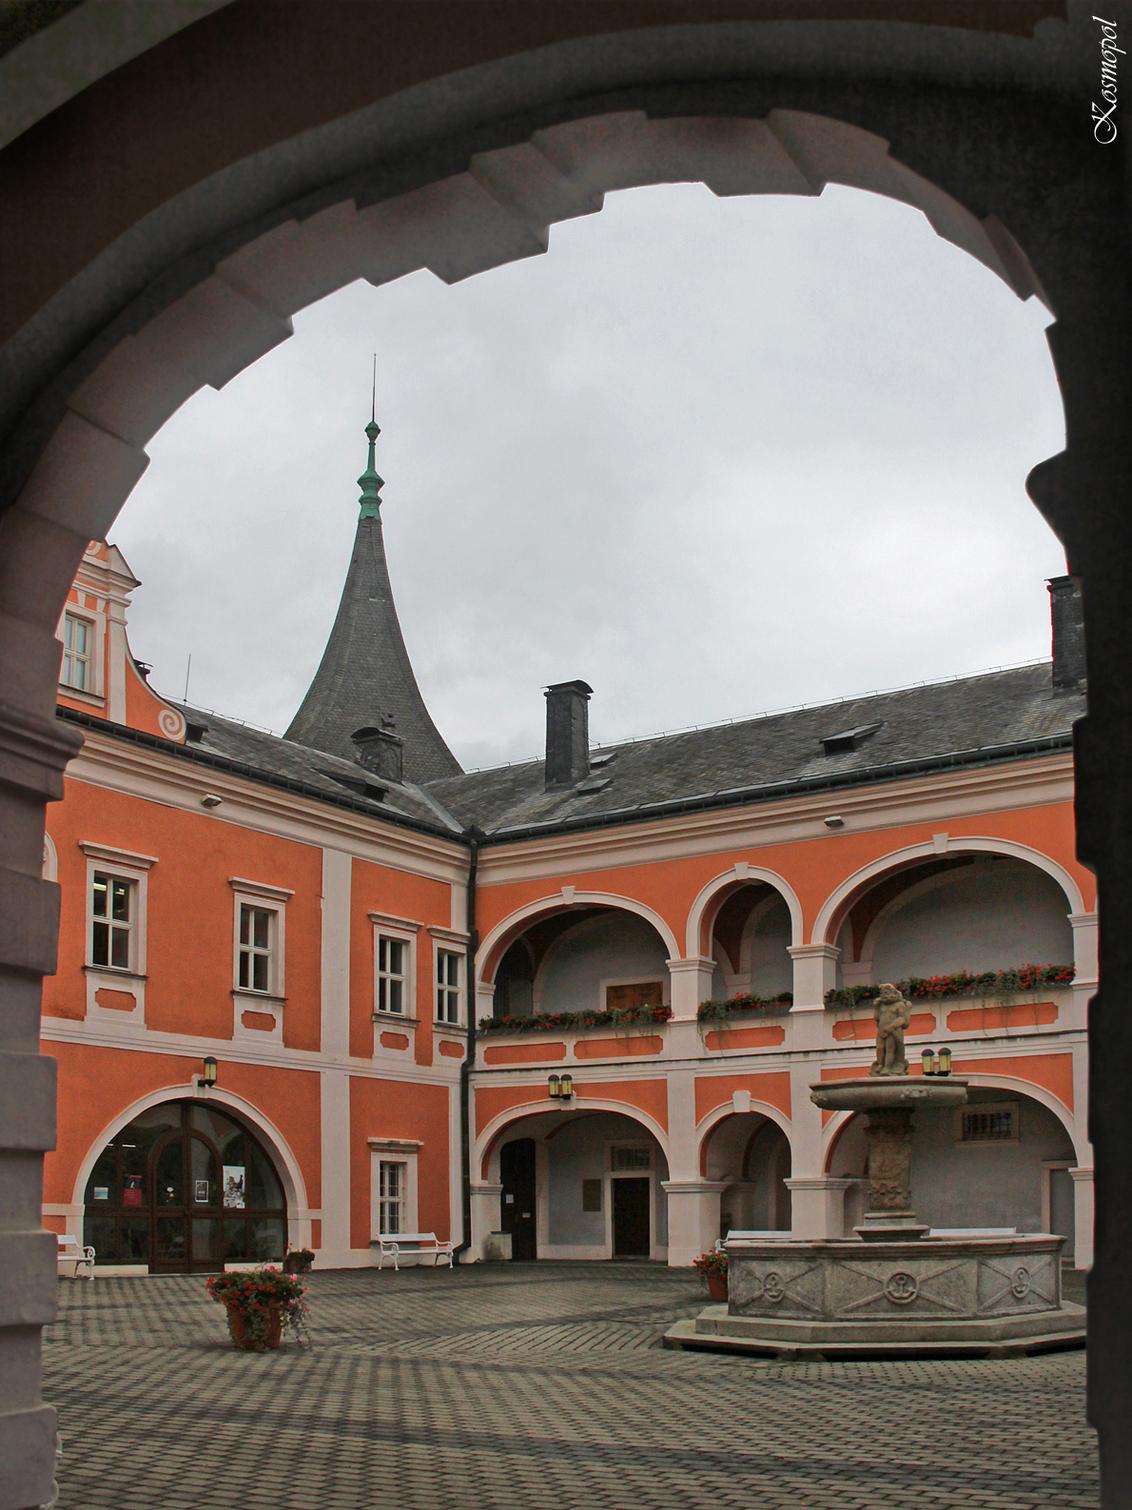 Kasteel Sokolov - In het stadje Sokolov ( vroeger Falkenau an der Eger ) werd in de 17de eeuw dit kasteel gebouwd, het werd enkele keren door een brand verwoest en uit - foto door kosmopol op 16-09-2011 - deze foto bevat: kasteel, tsjechie, kosmopol